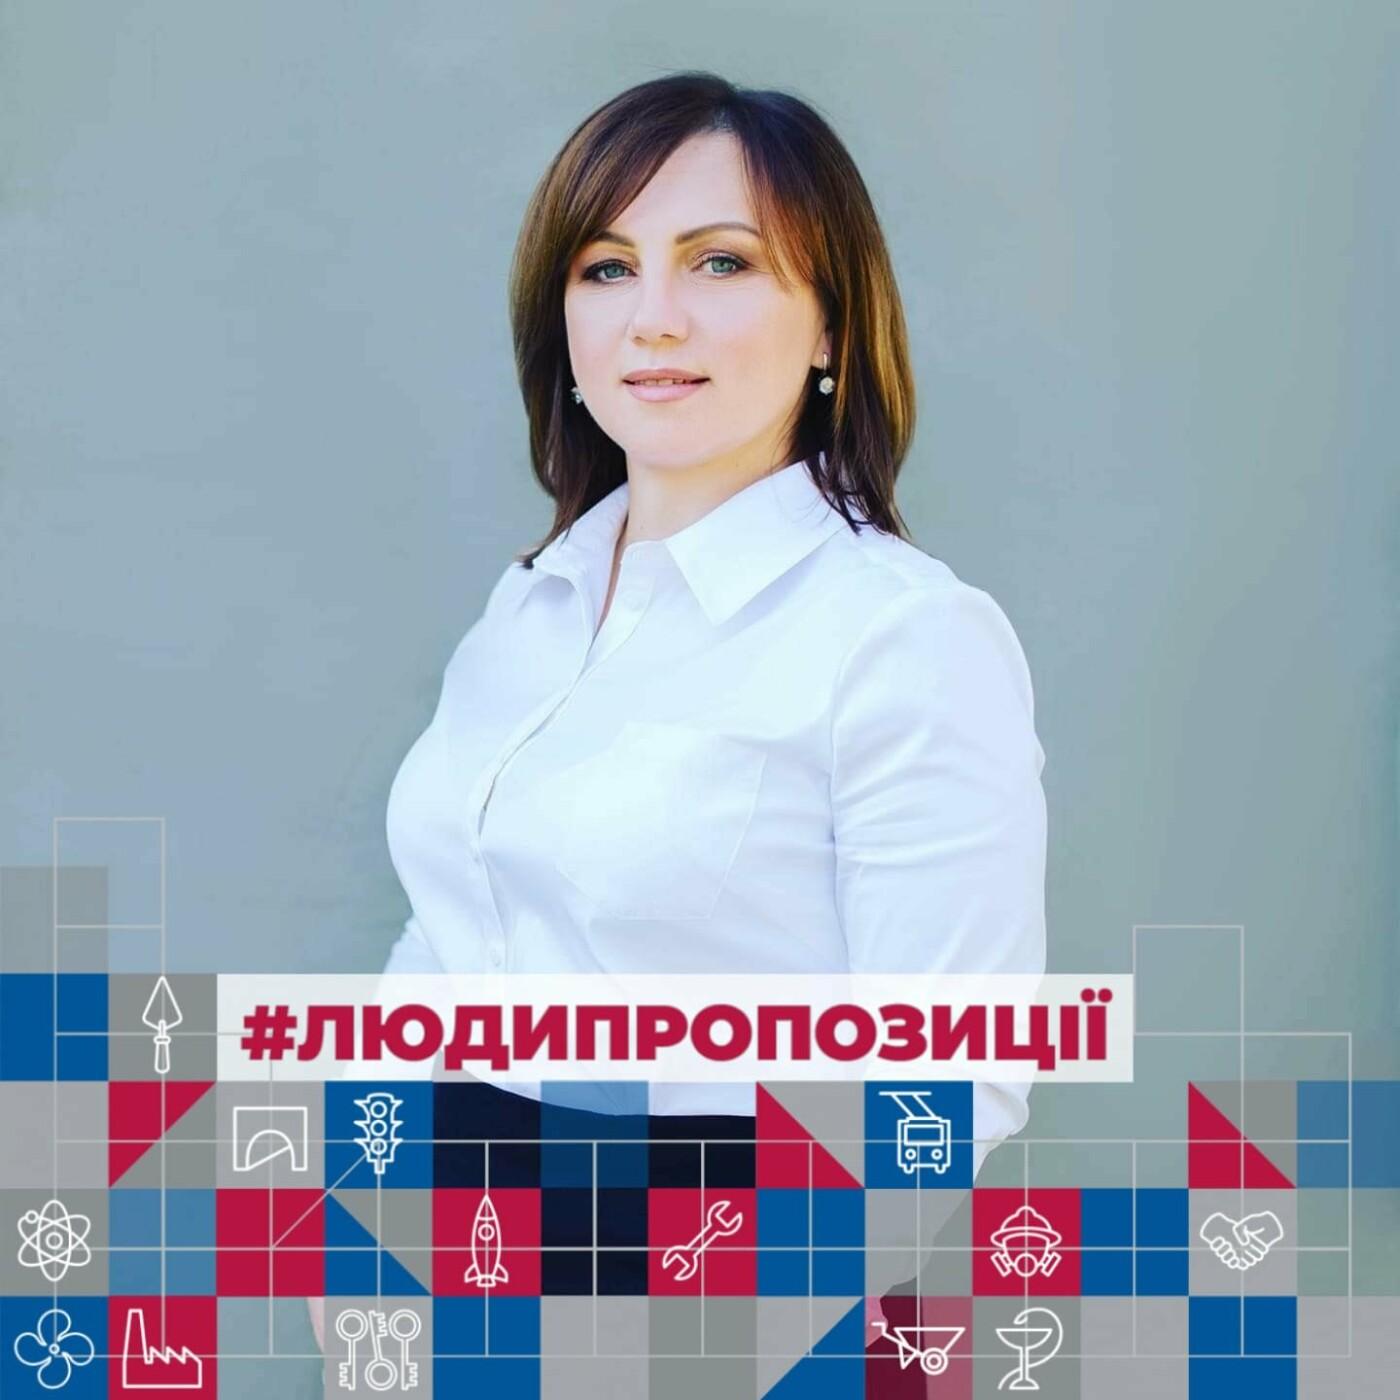 «Пропозиція» Новомосковська: повернути справедливість і добробут , фото-5